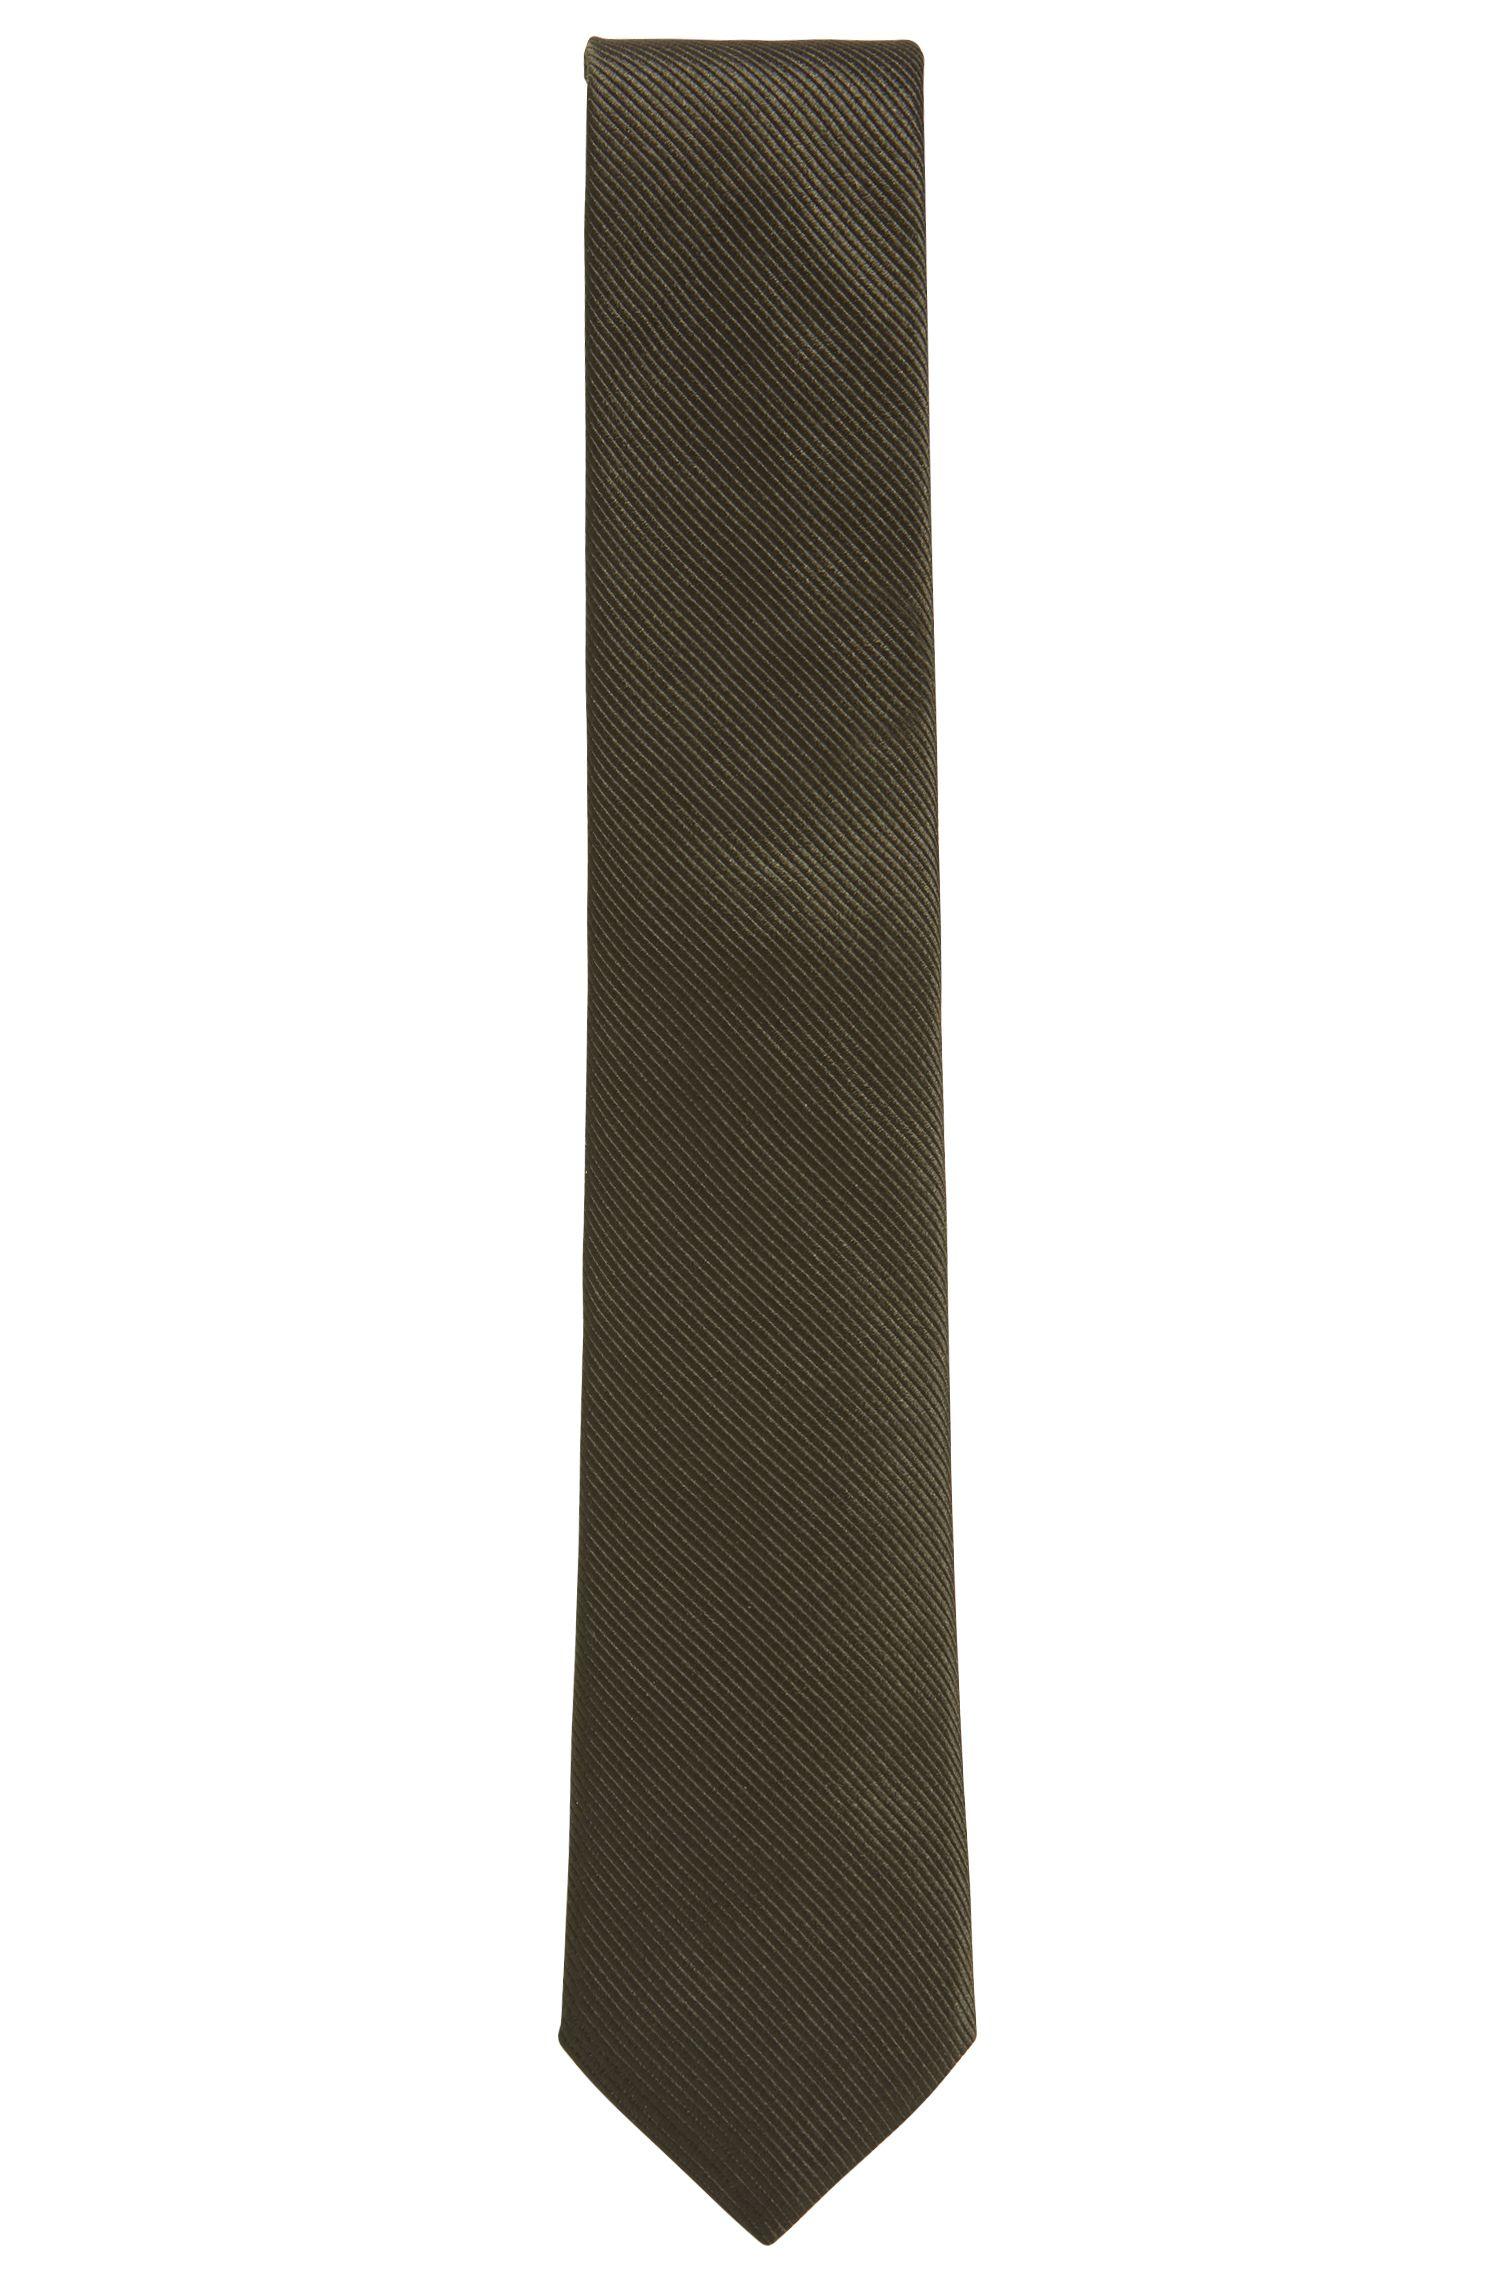 Cravate en soie à rayures tissées en diagonale